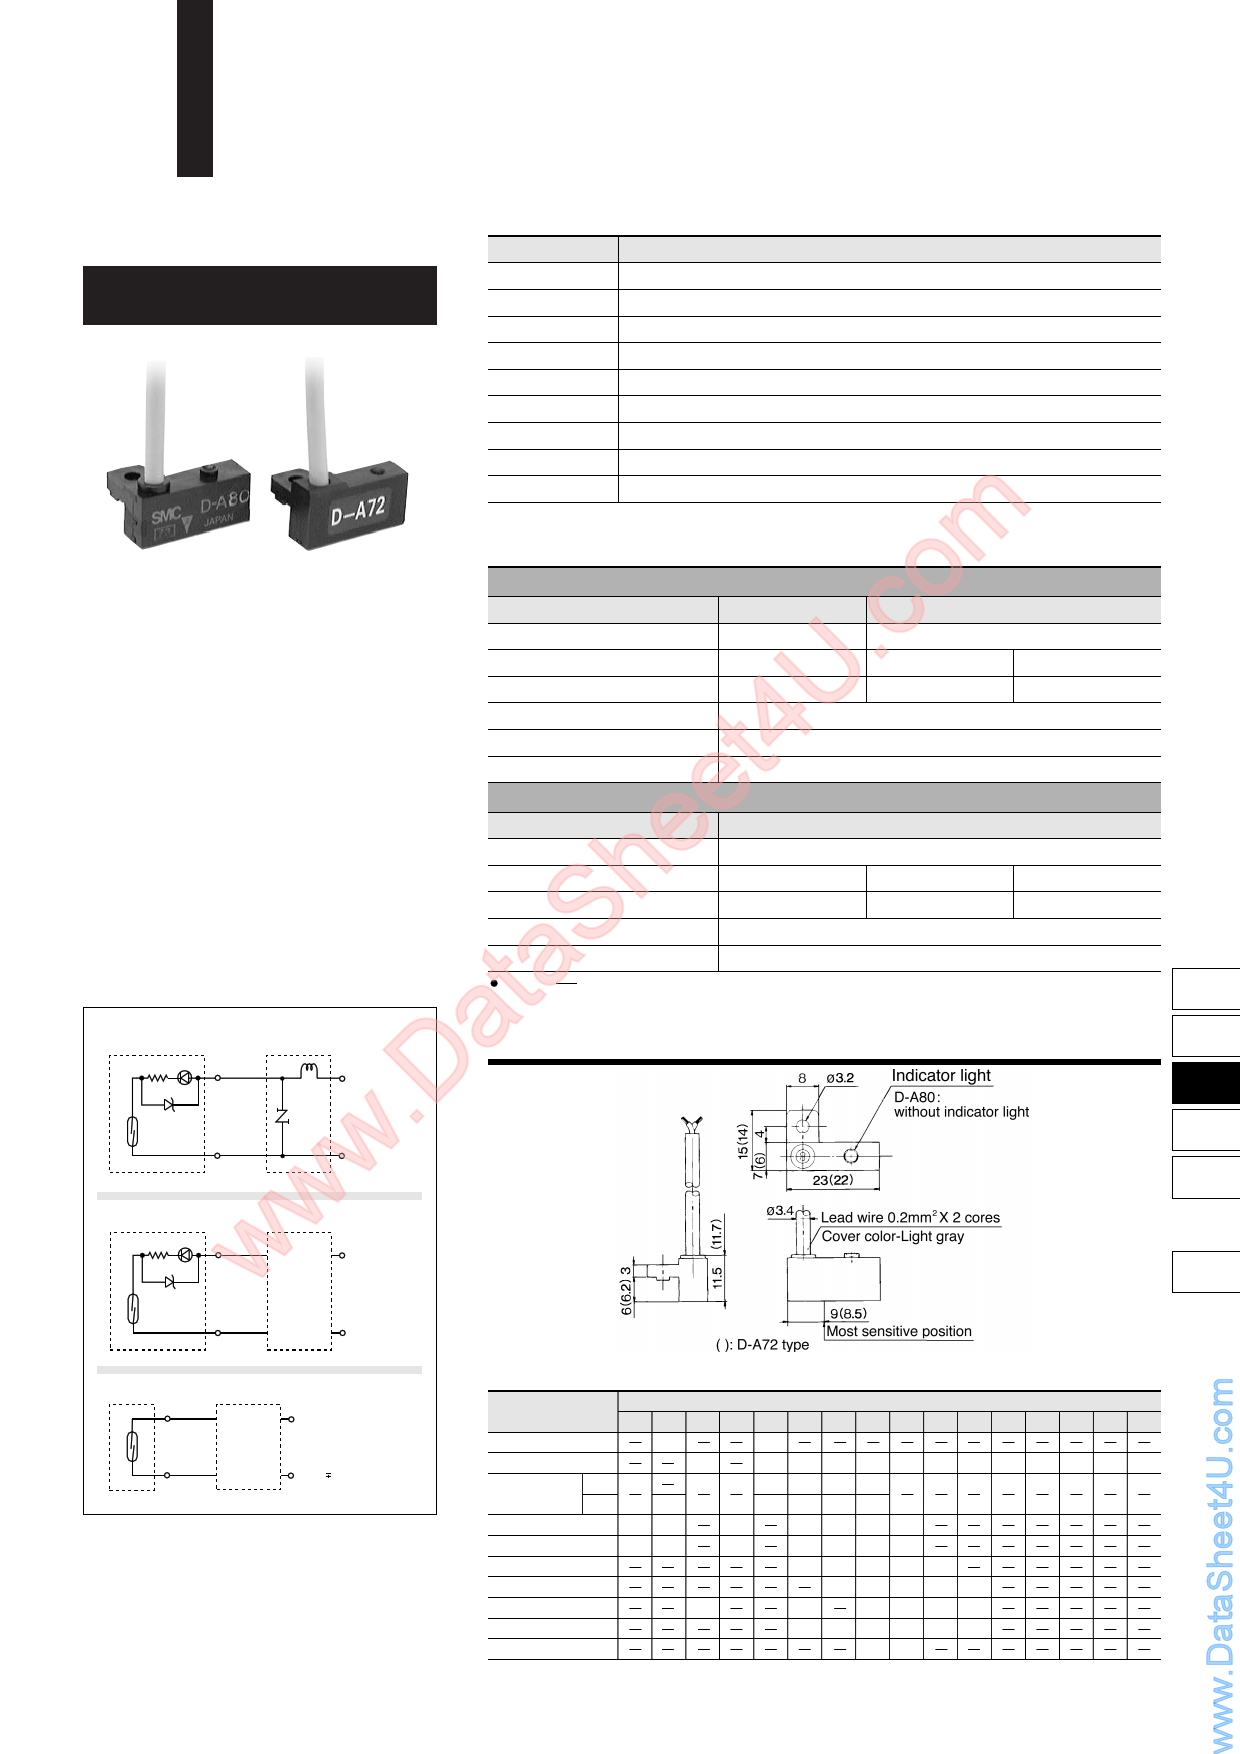 D-A80 datasheet